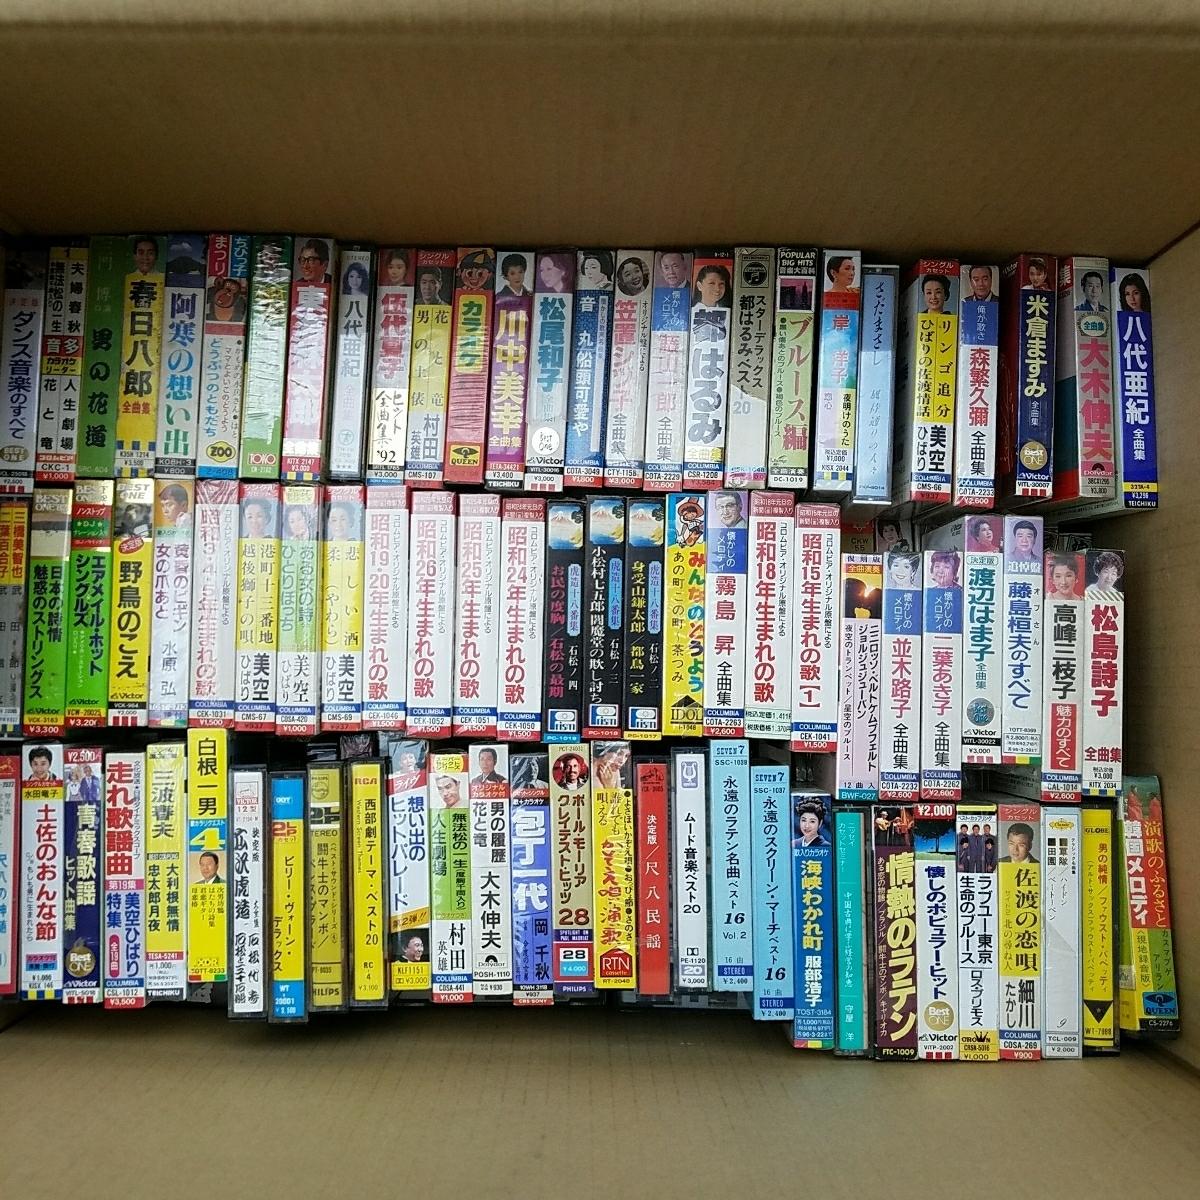 【大量】 240本 お買い得 カセットテープ まとめて まとめ まとめ売り 主に 演歌 美空ひばり _画像2